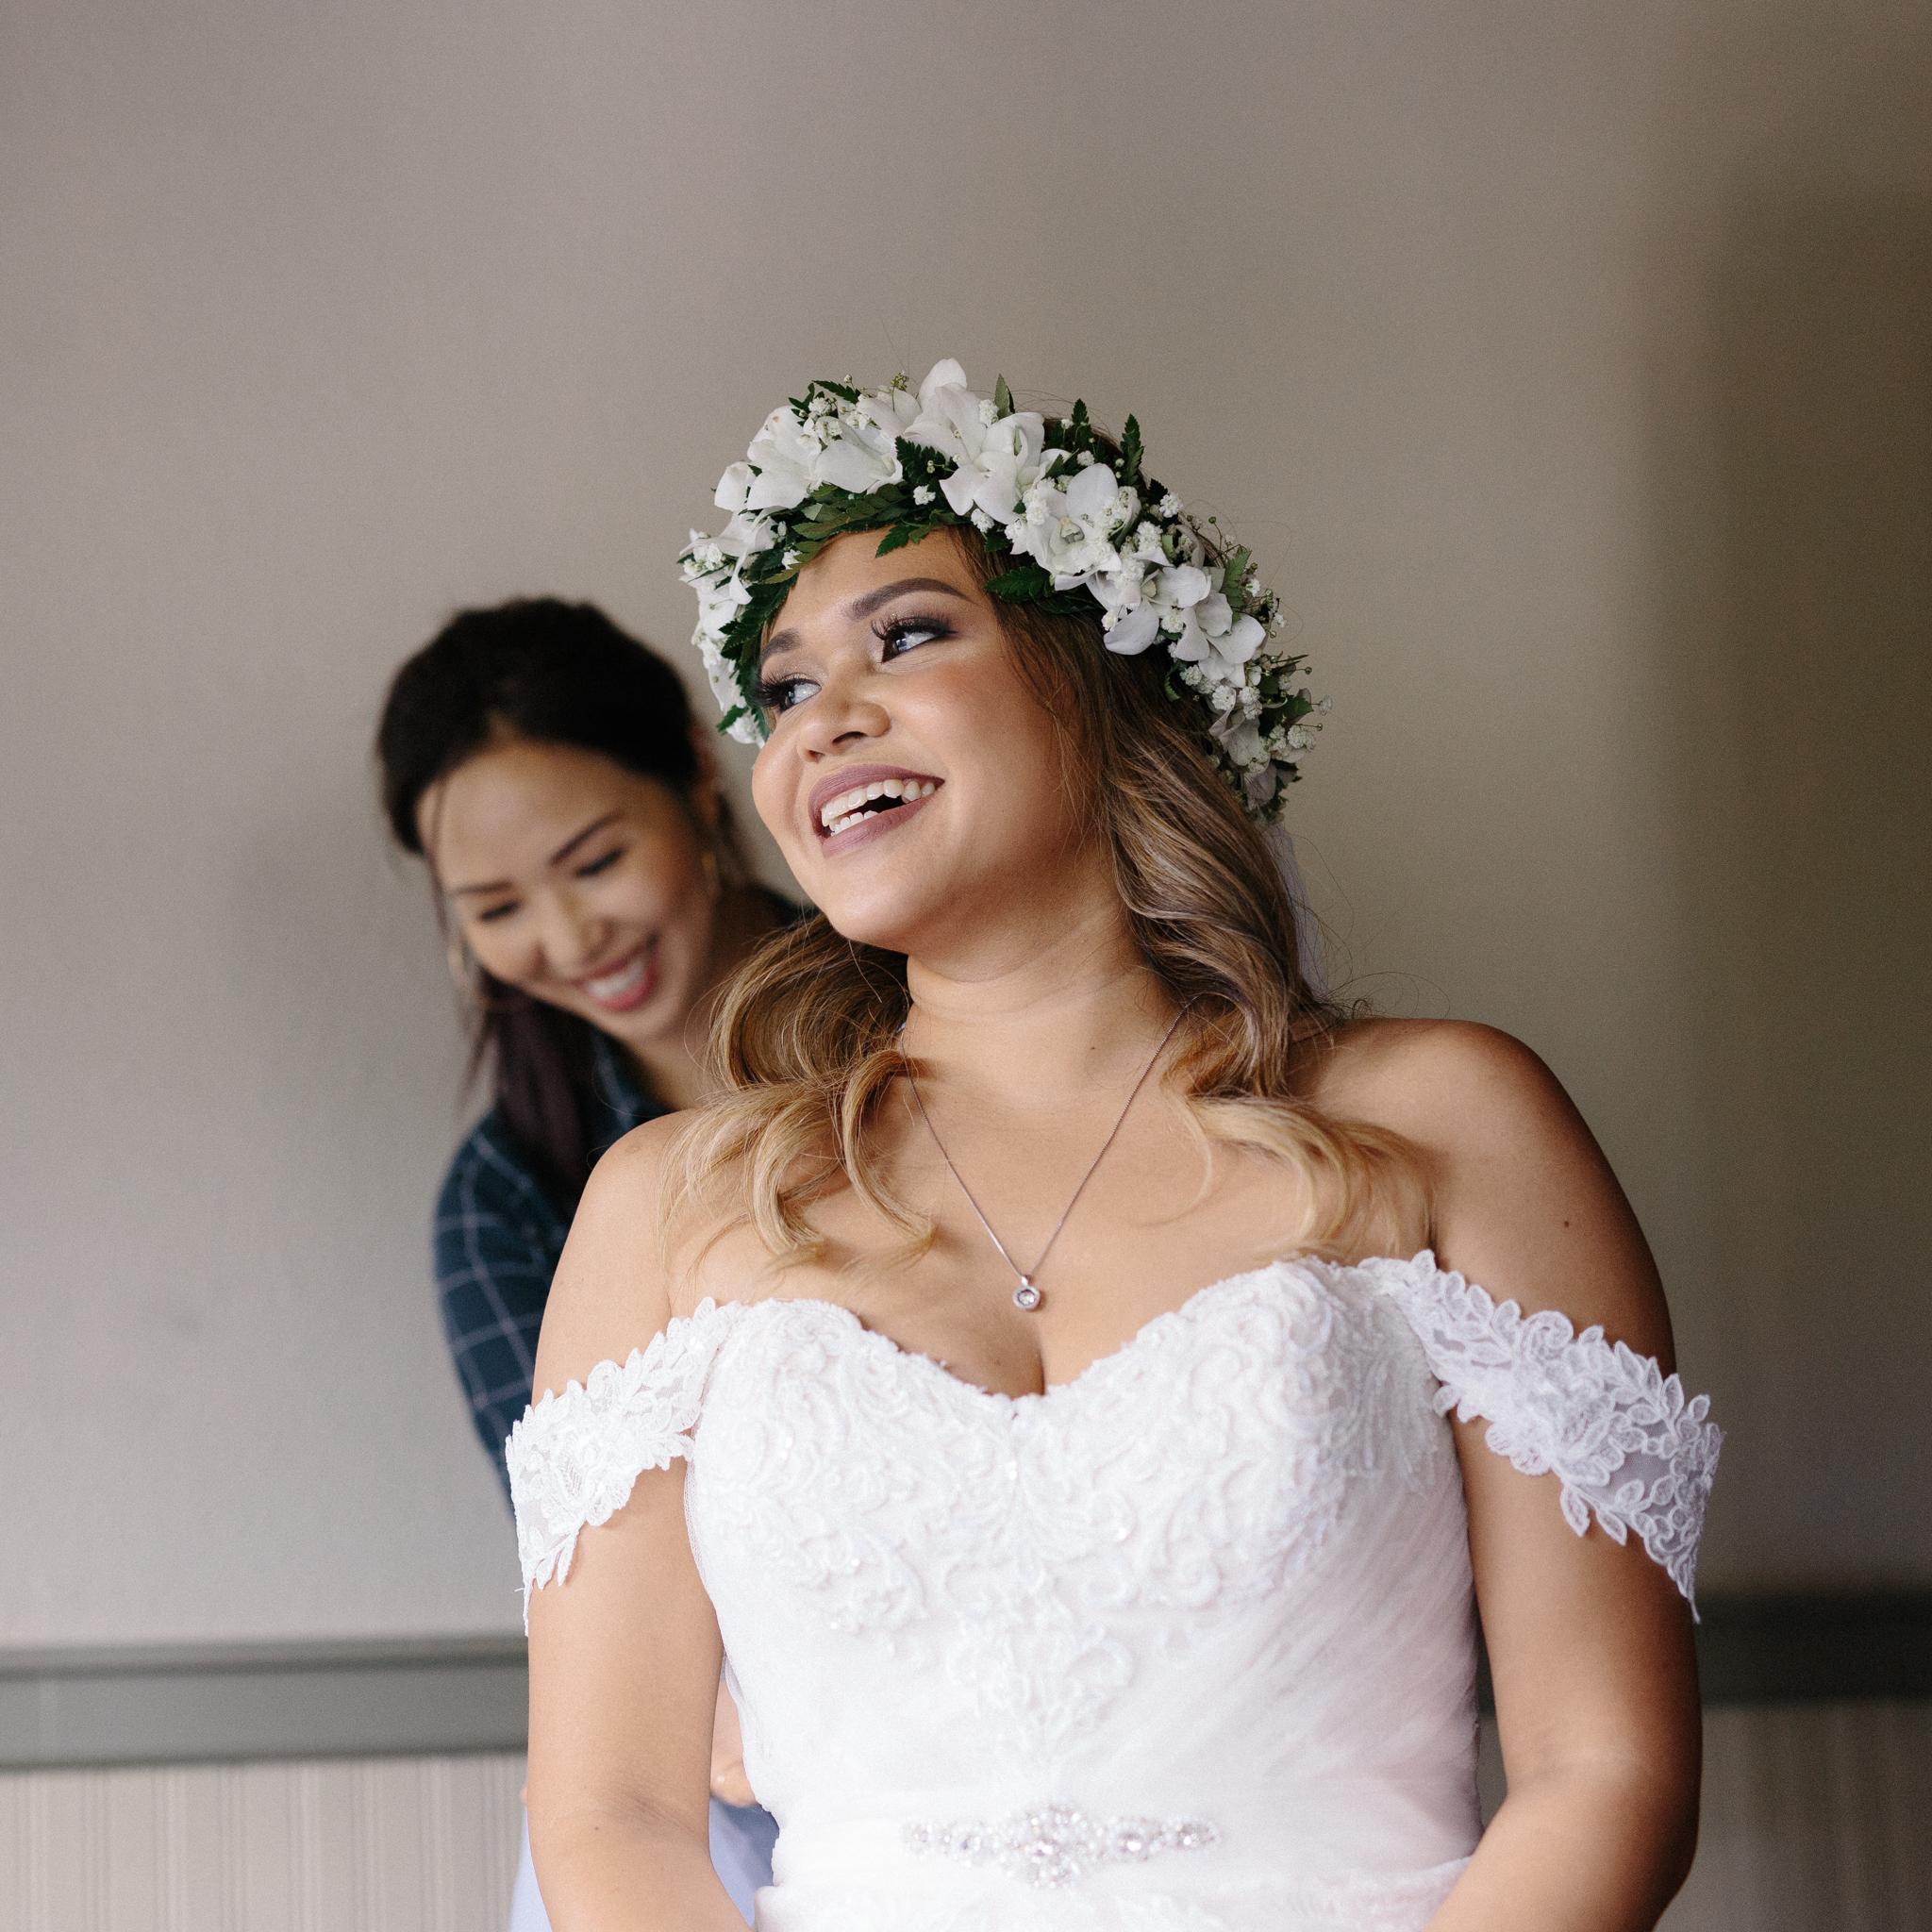 kualoa_ranch_wedding_photography_tone_hawaii-29.jpg